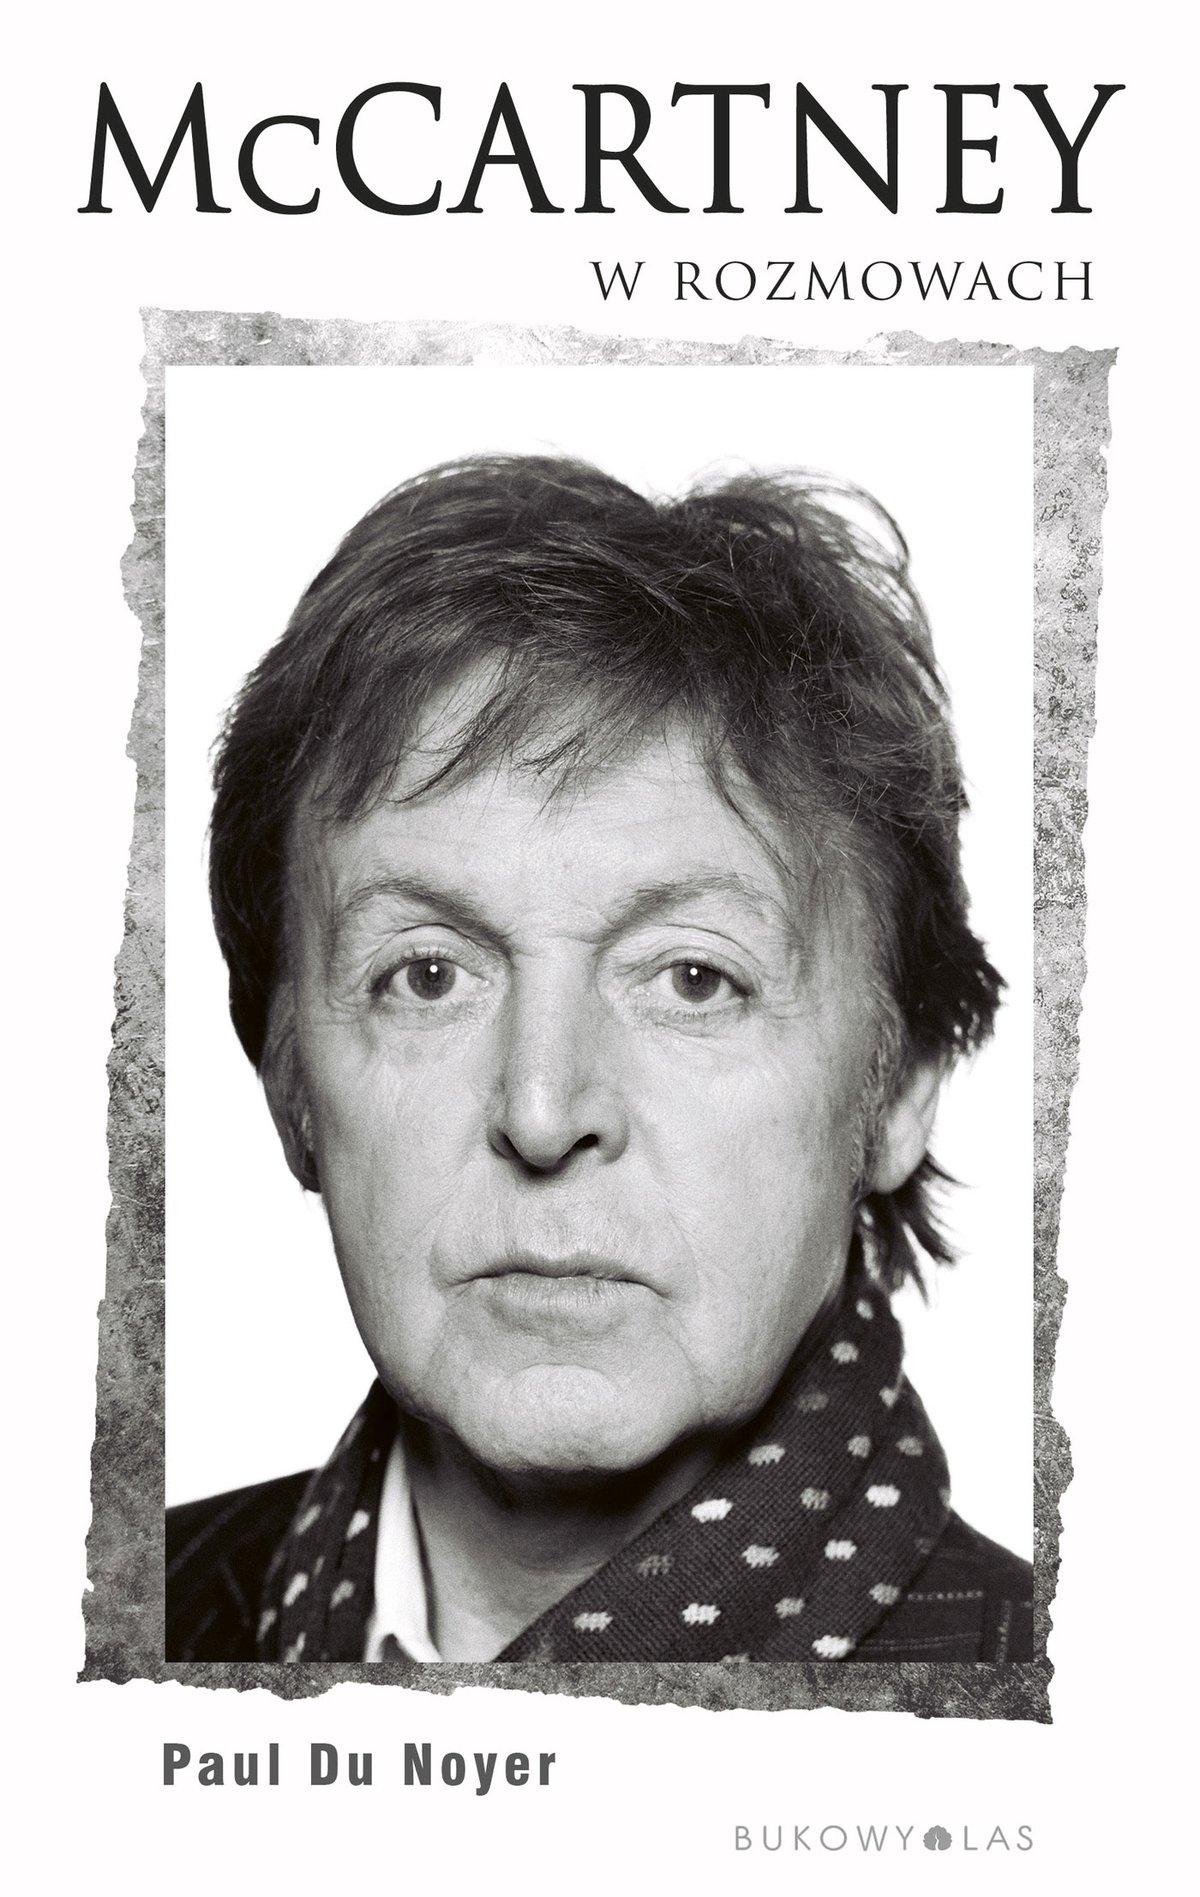 McCartney w rozmowach - Ebook (Książka na Kindle) do pobrania w formacie MOBI